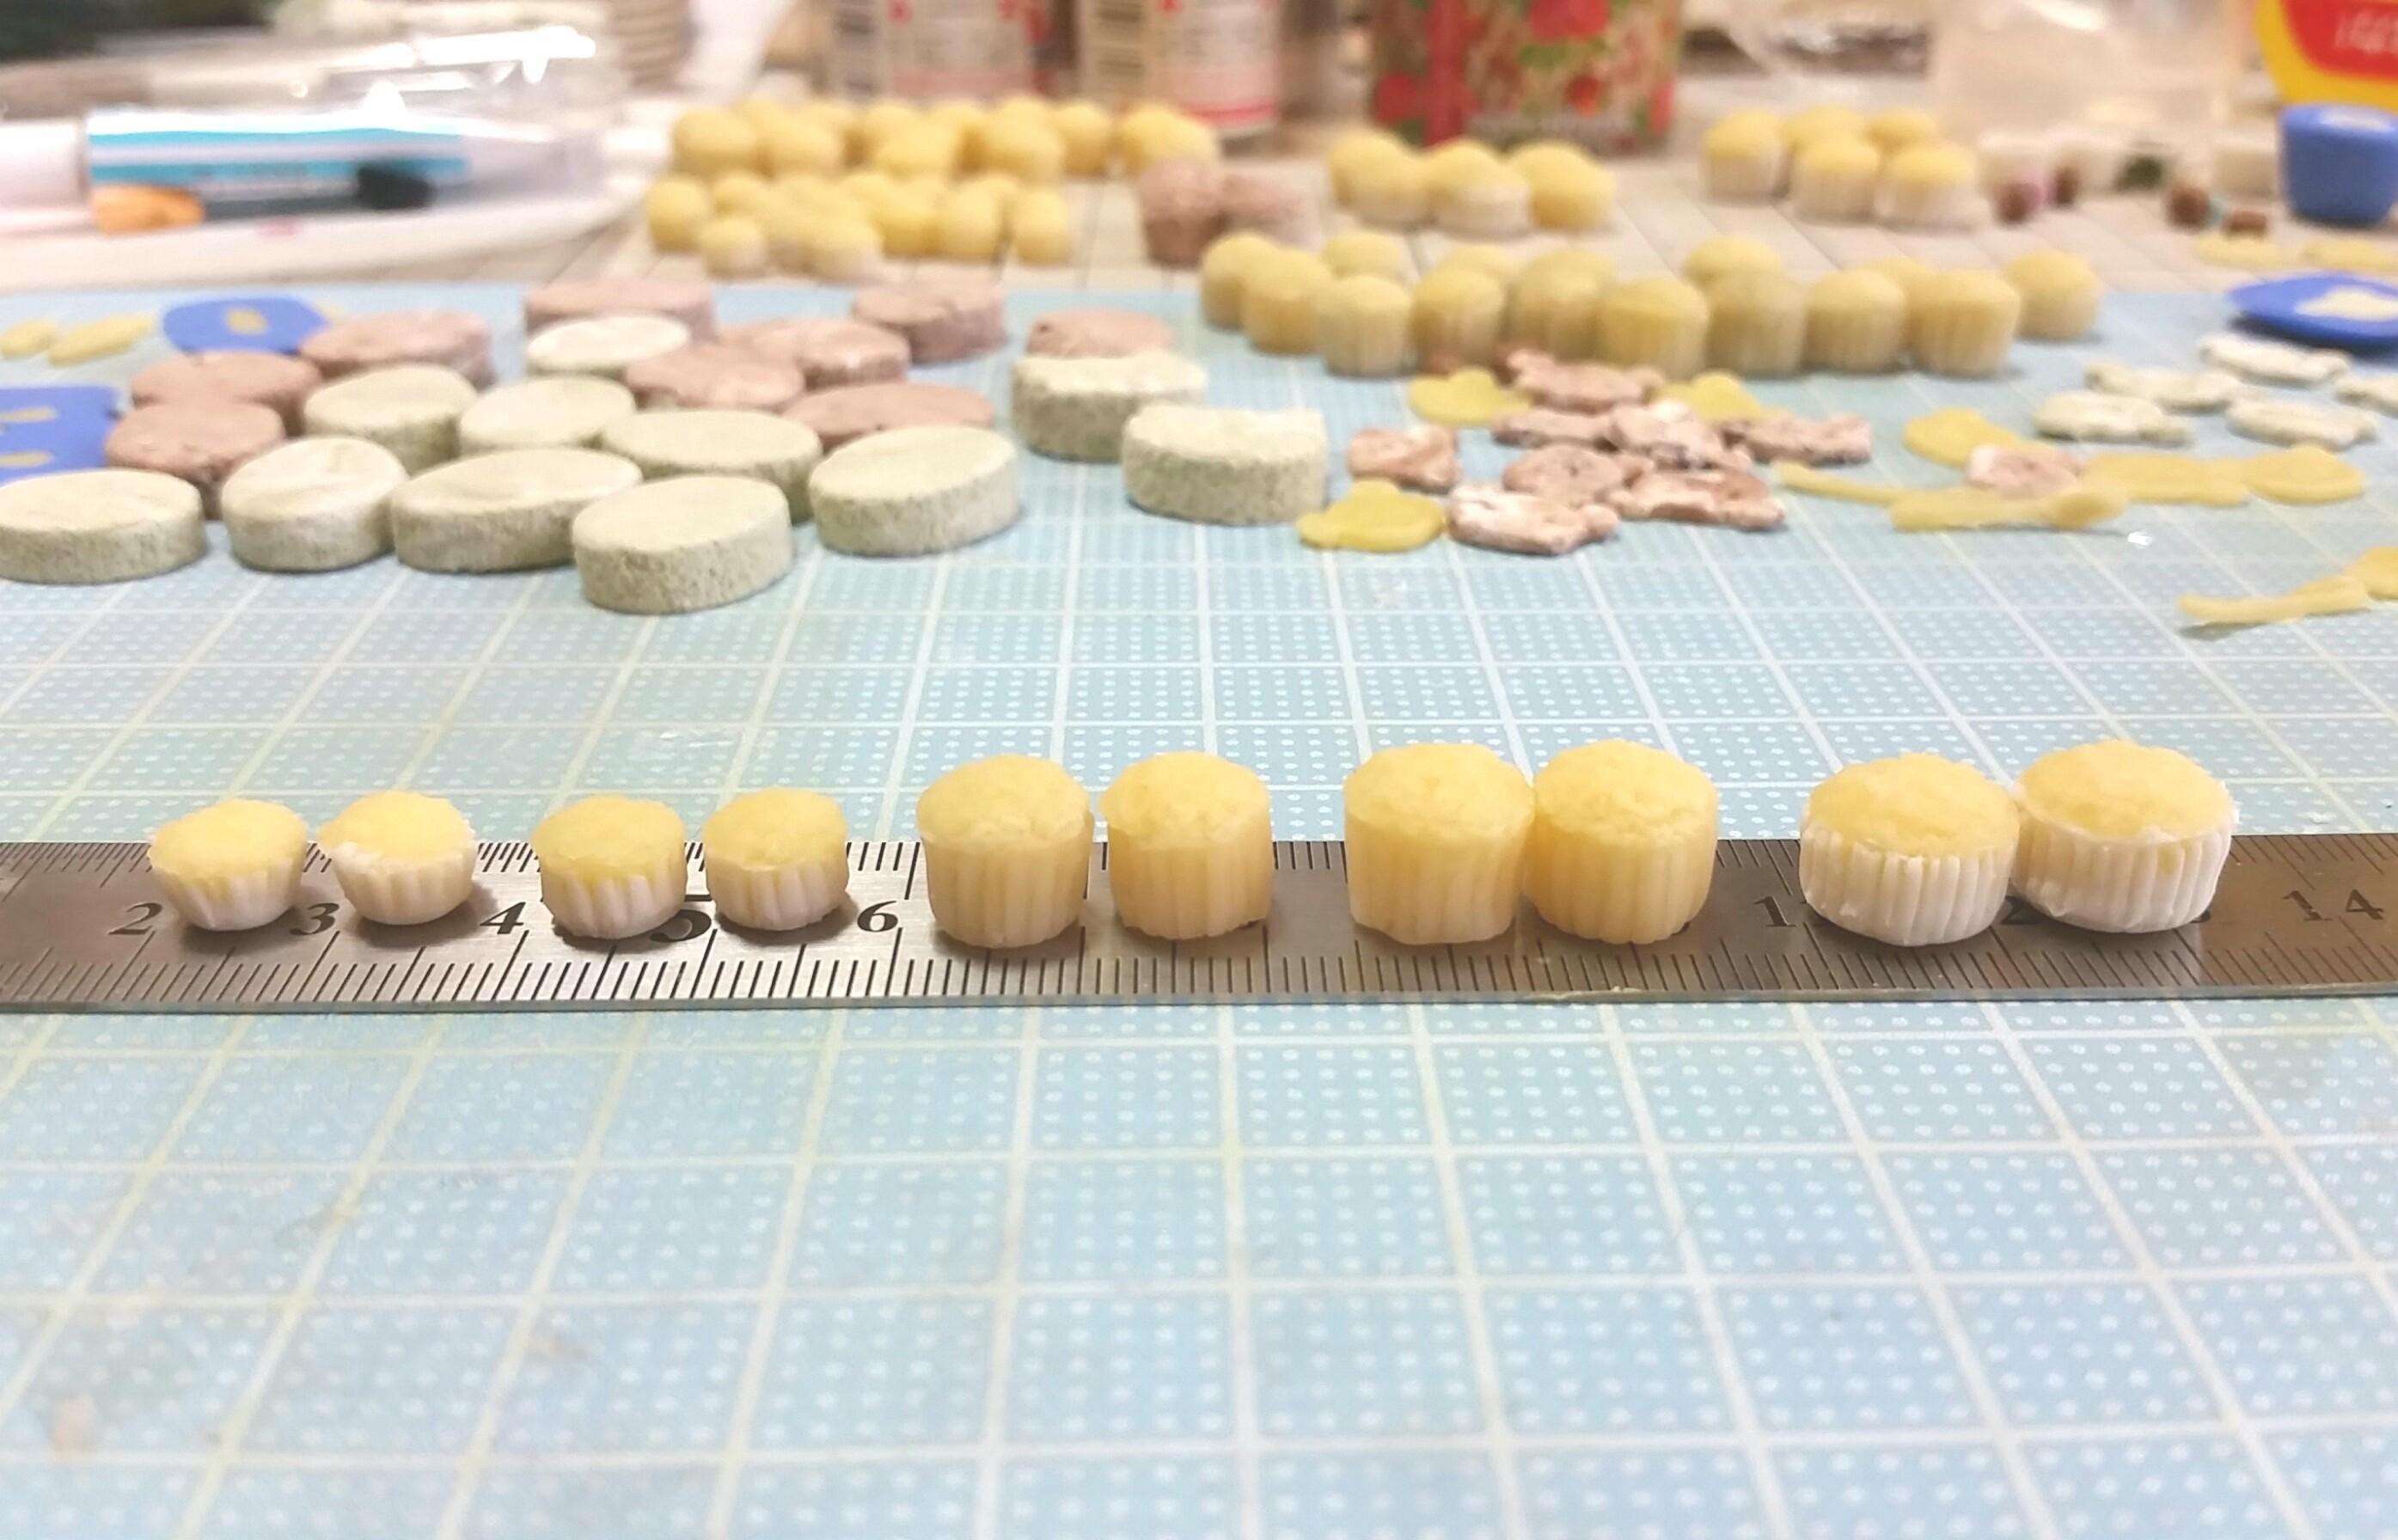 複製作り,エポキシパテ,原型の作り方,カップケーキ,ミニチュアフード